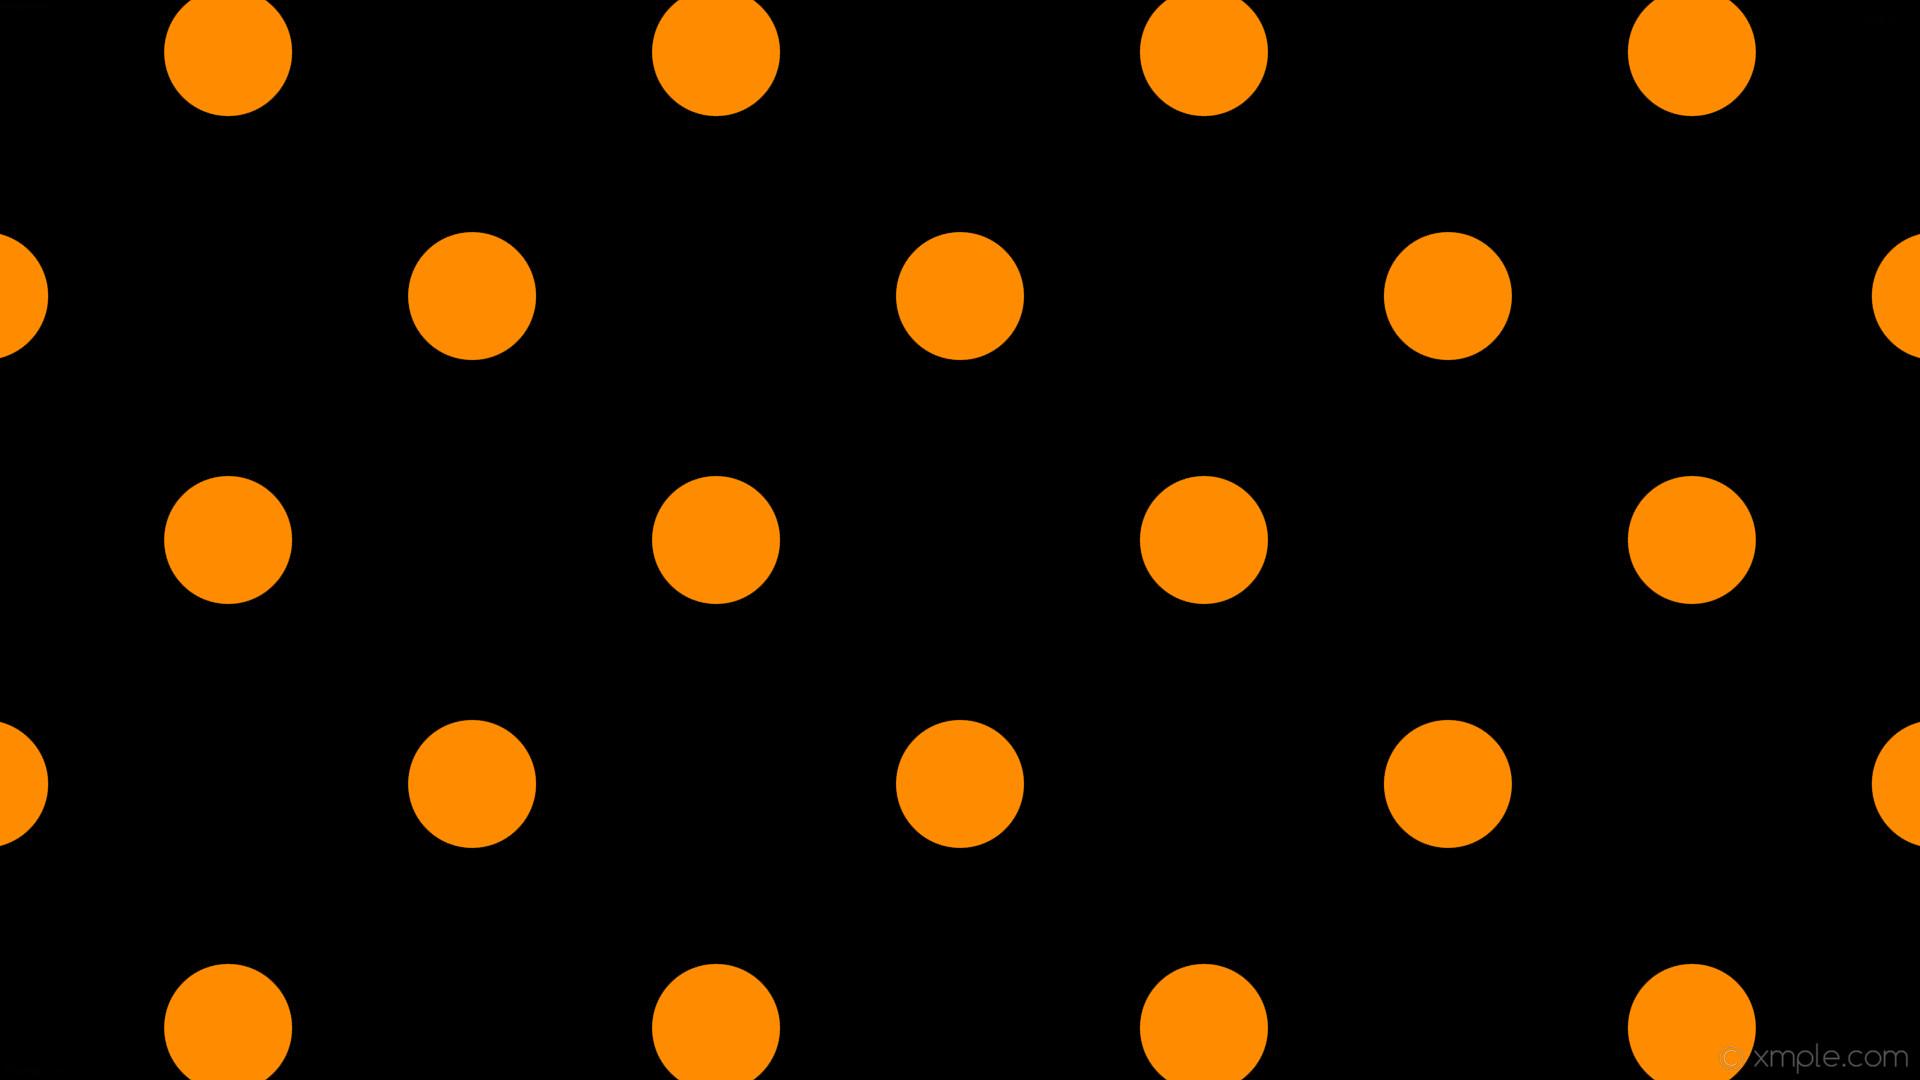 wallpaper spots black dots polka orange dark orange #000000 #ff8c00 225°  128px 345px